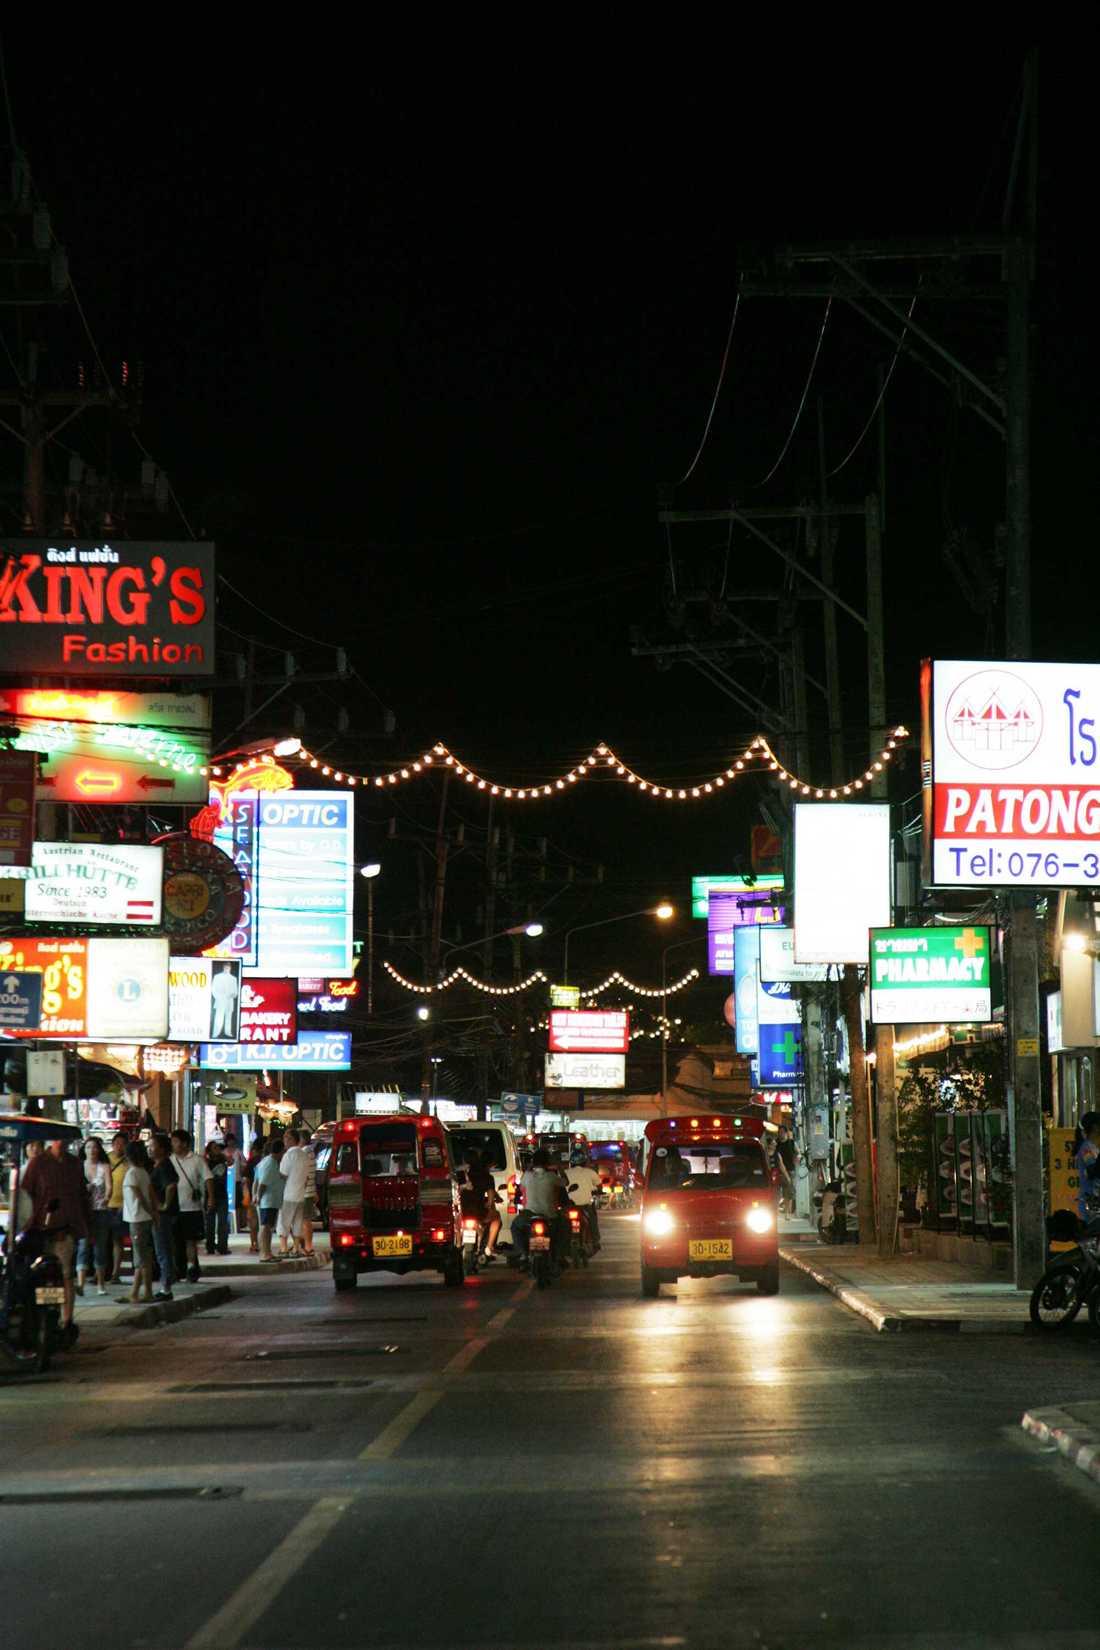 Allt grövre våldsbrott som ibland drabbar turister riskerar att skrämma bort utlänningar från Phuket. Bilden är från Patong.